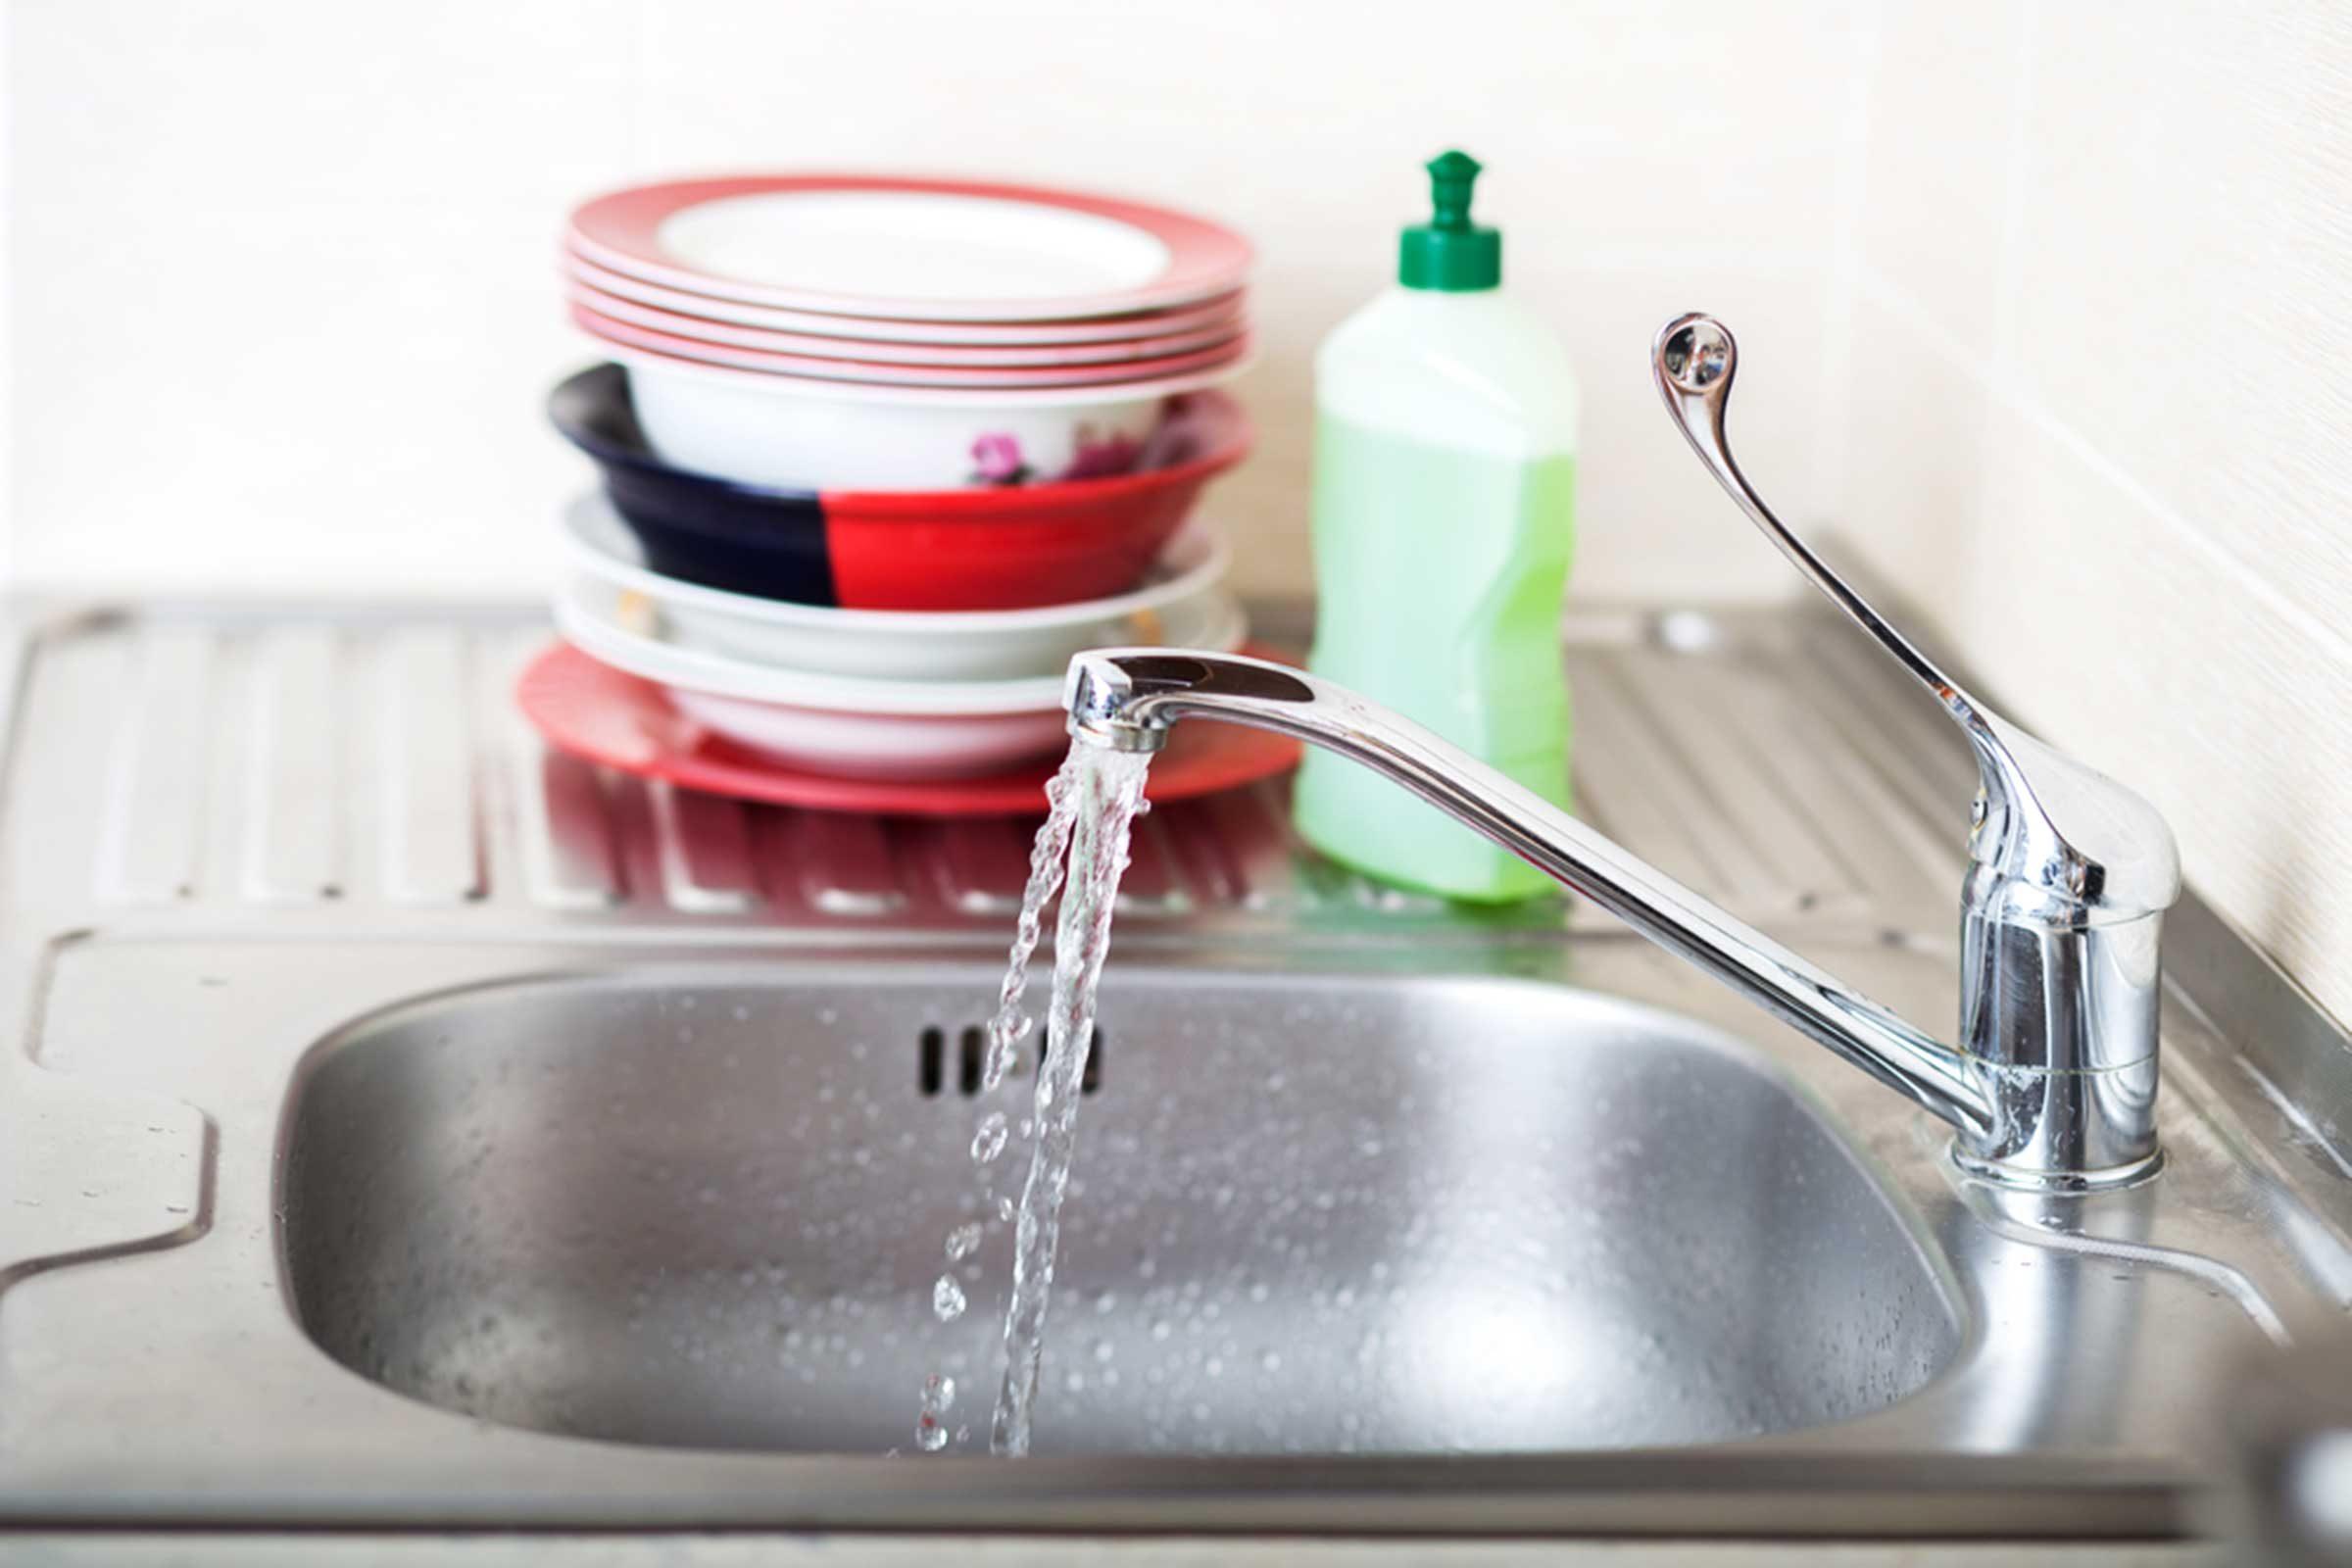 Erreur en cuisine : Vous oubliez de nettoyer l'évier